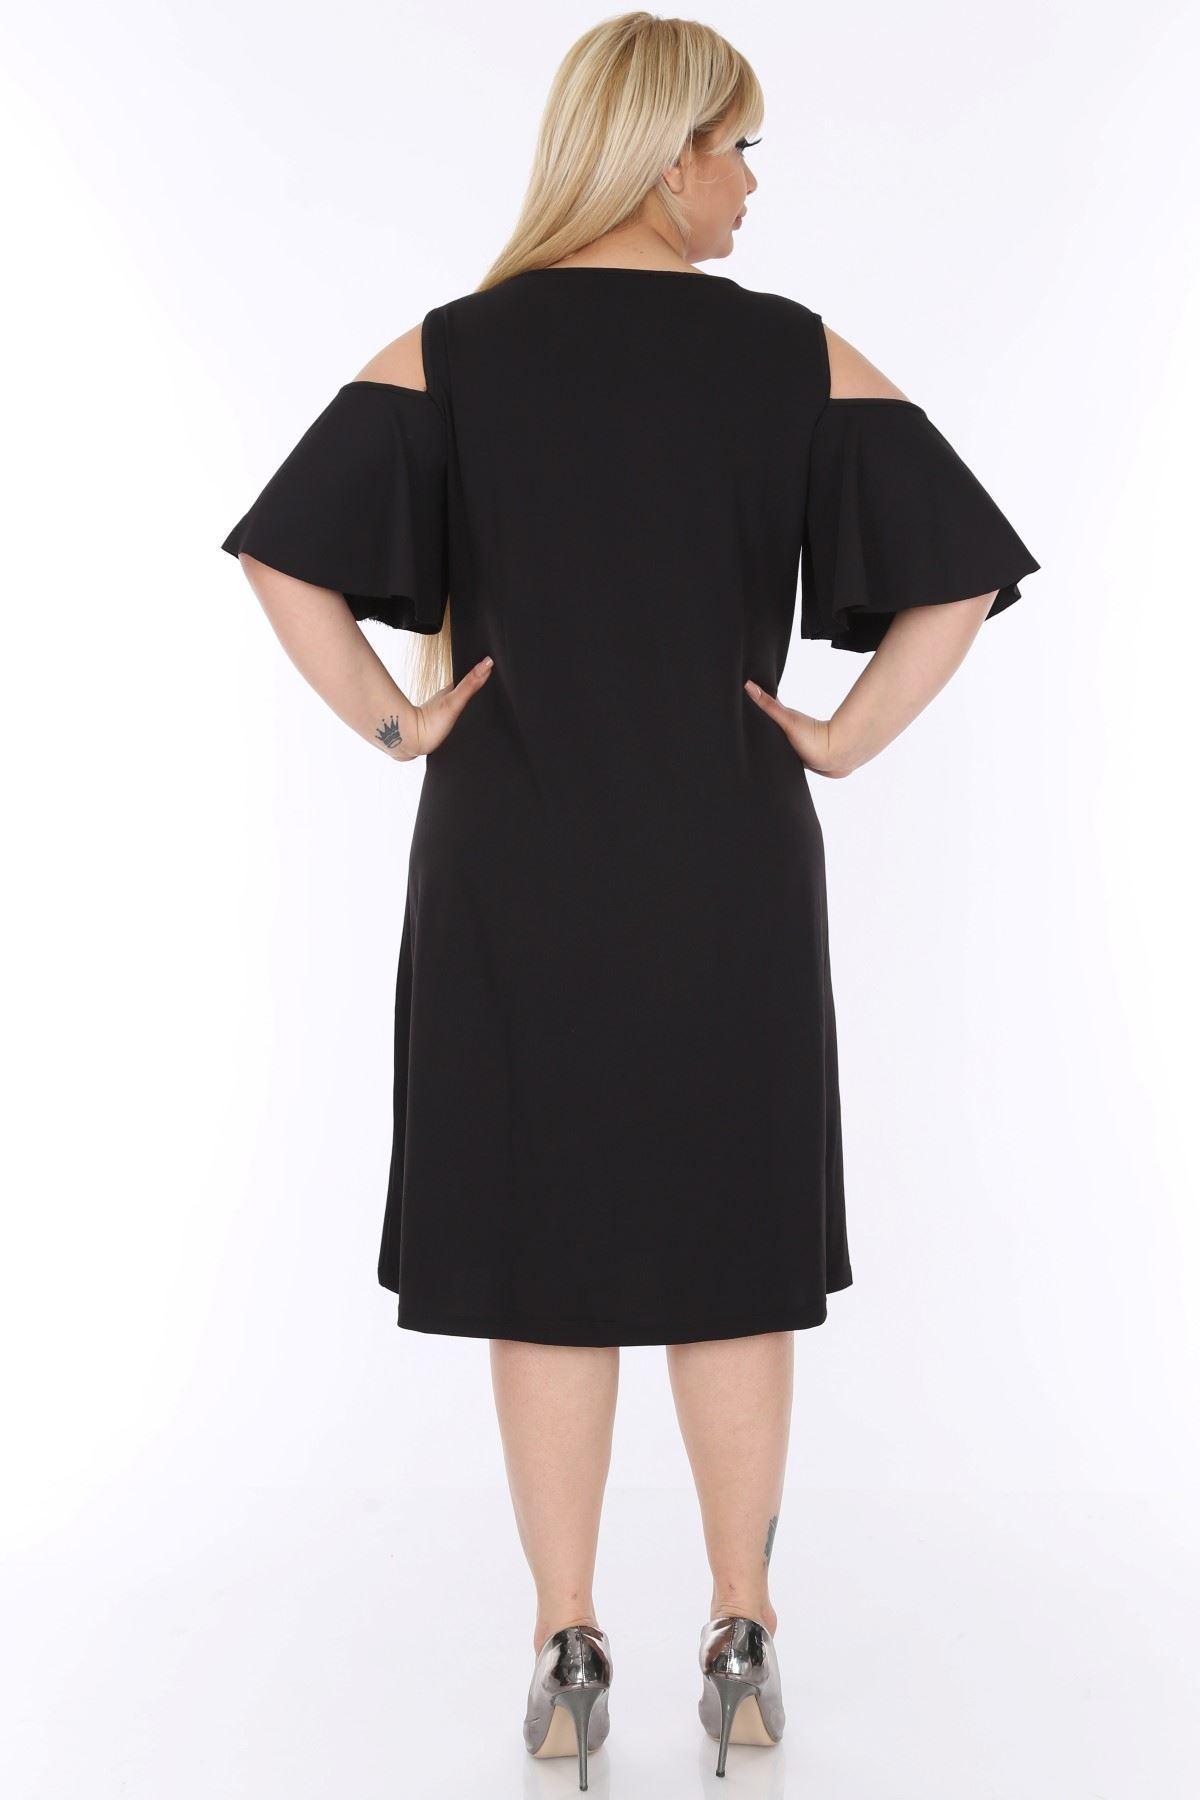 Kloş Kesim Büyük Beden Elbise 1C-0295